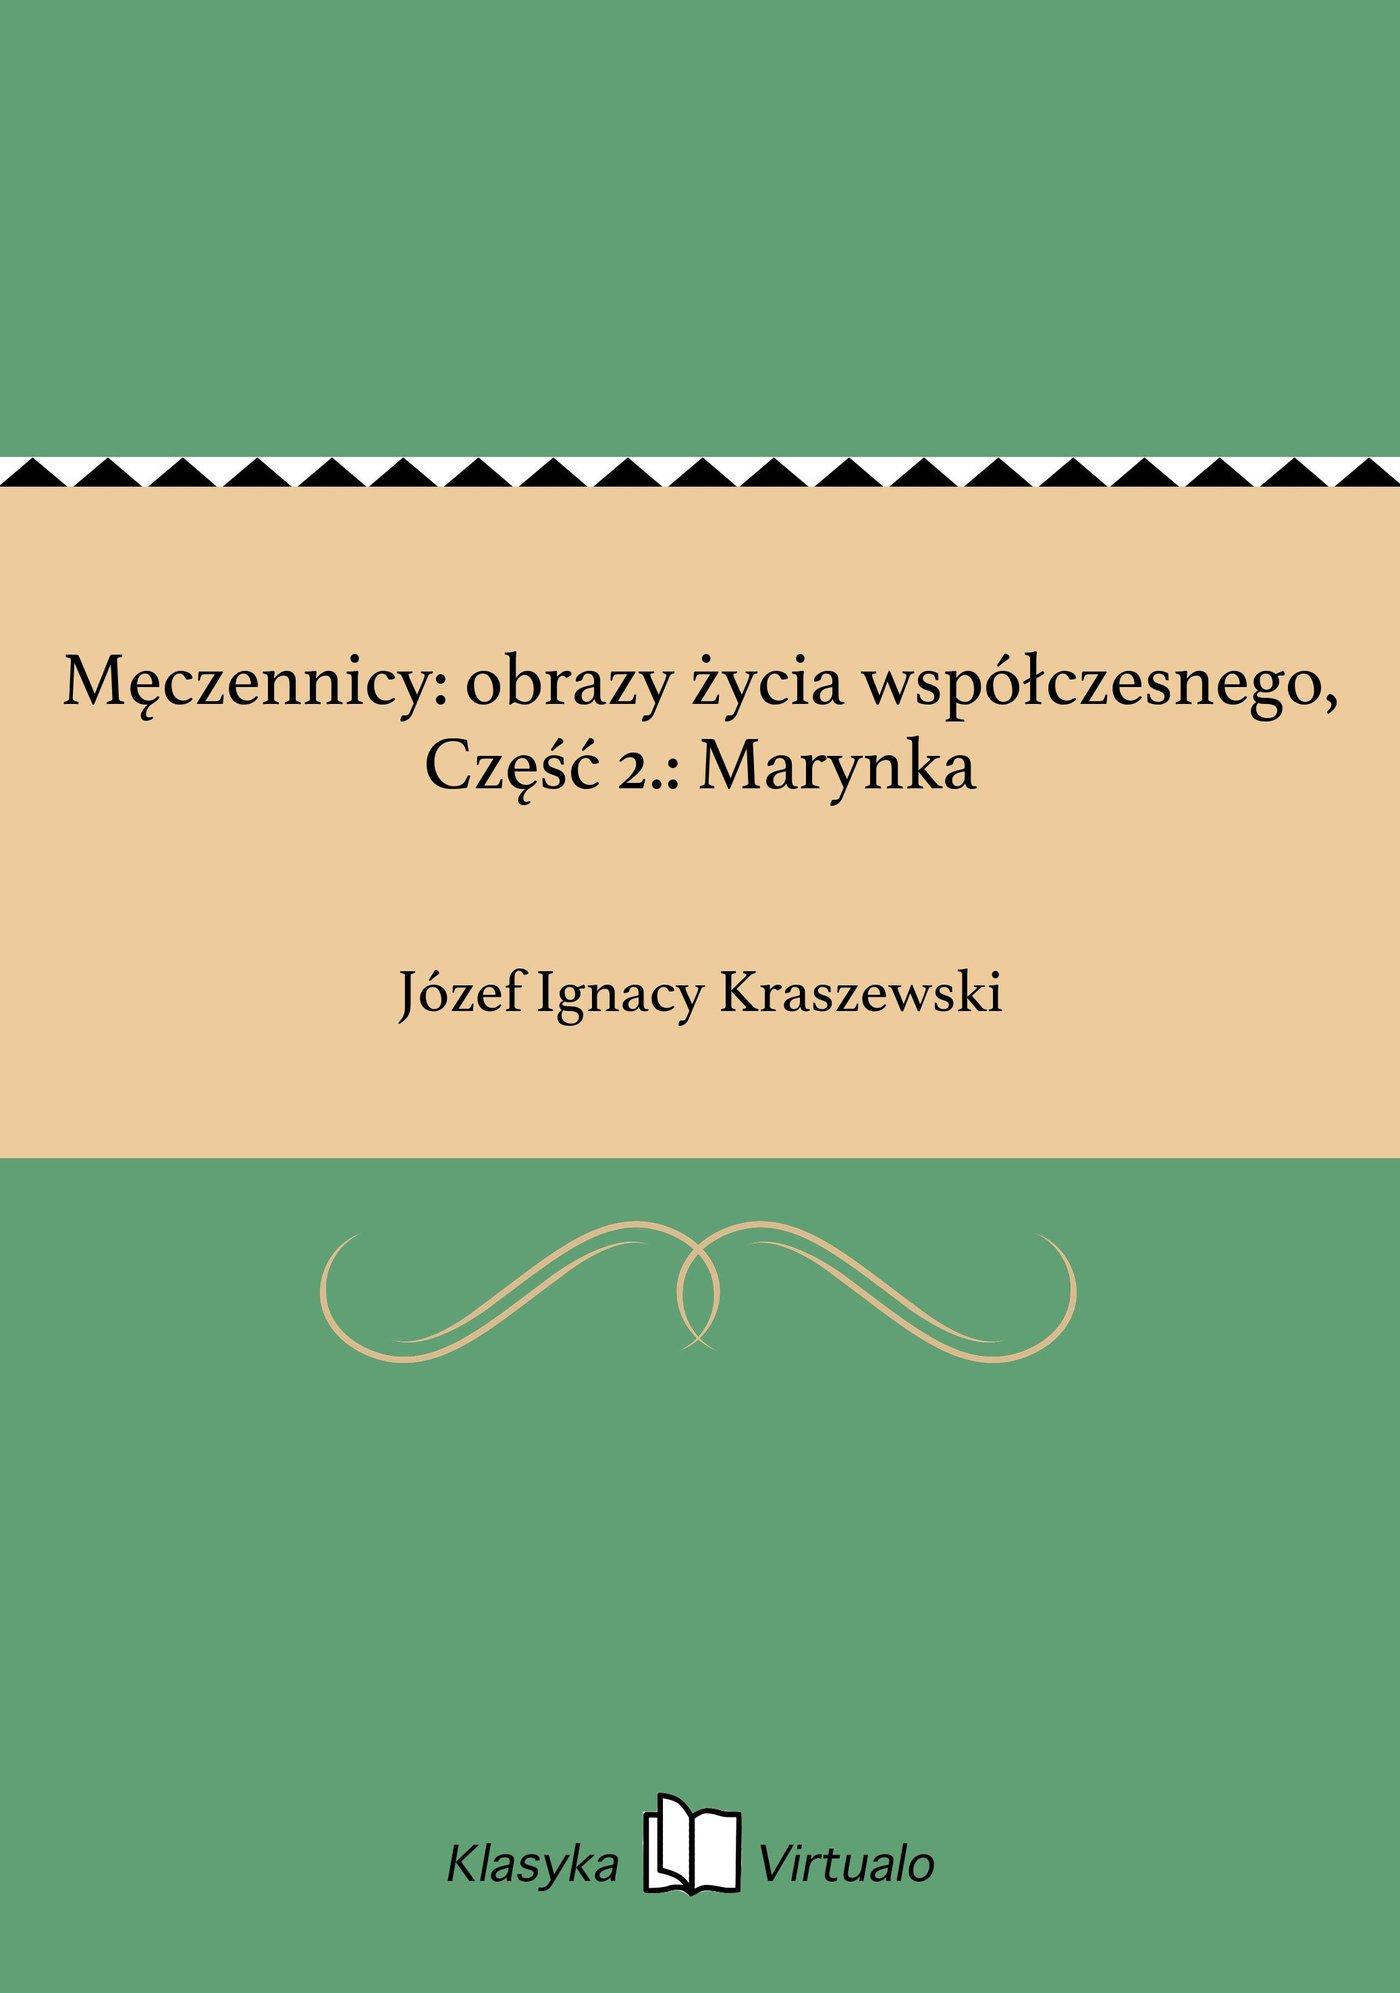 Męczennicy: obrazy życia współczesnego, Część 2.: Marynka - Ebook (Książka na Kindle) do pobrania w formacie MOBI